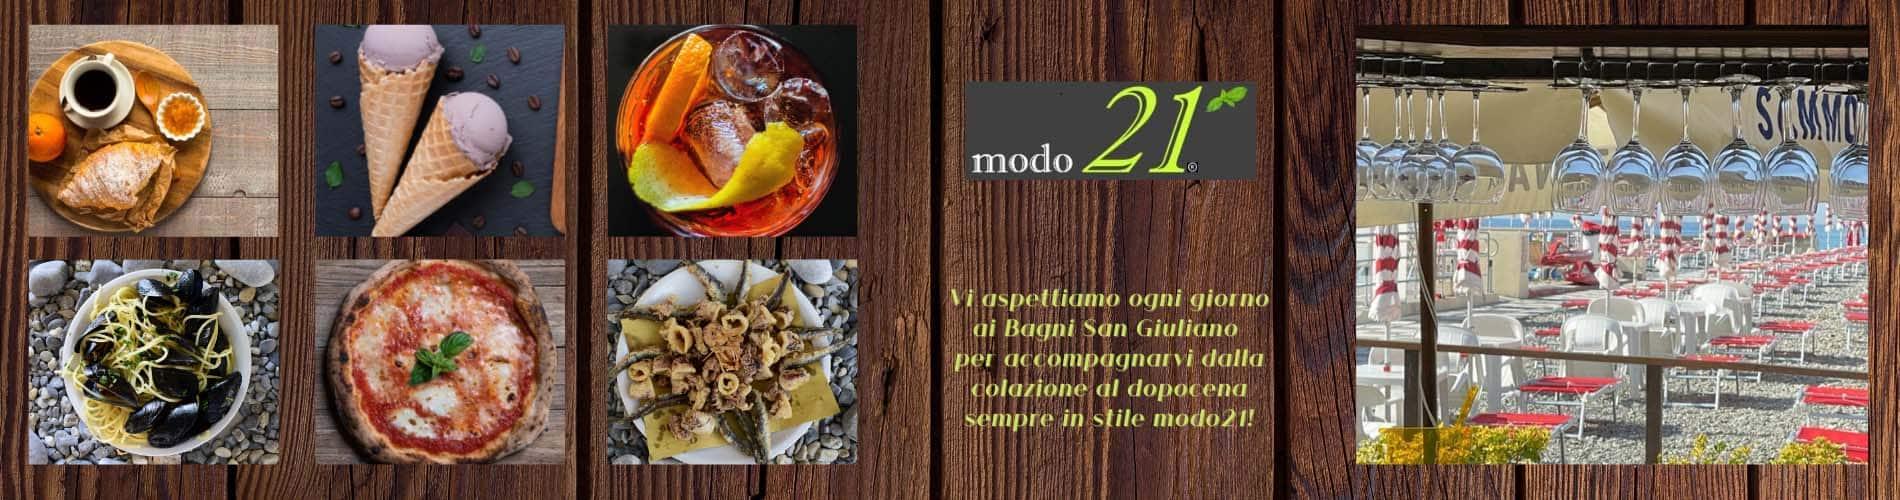 banner ristorante Modo 21